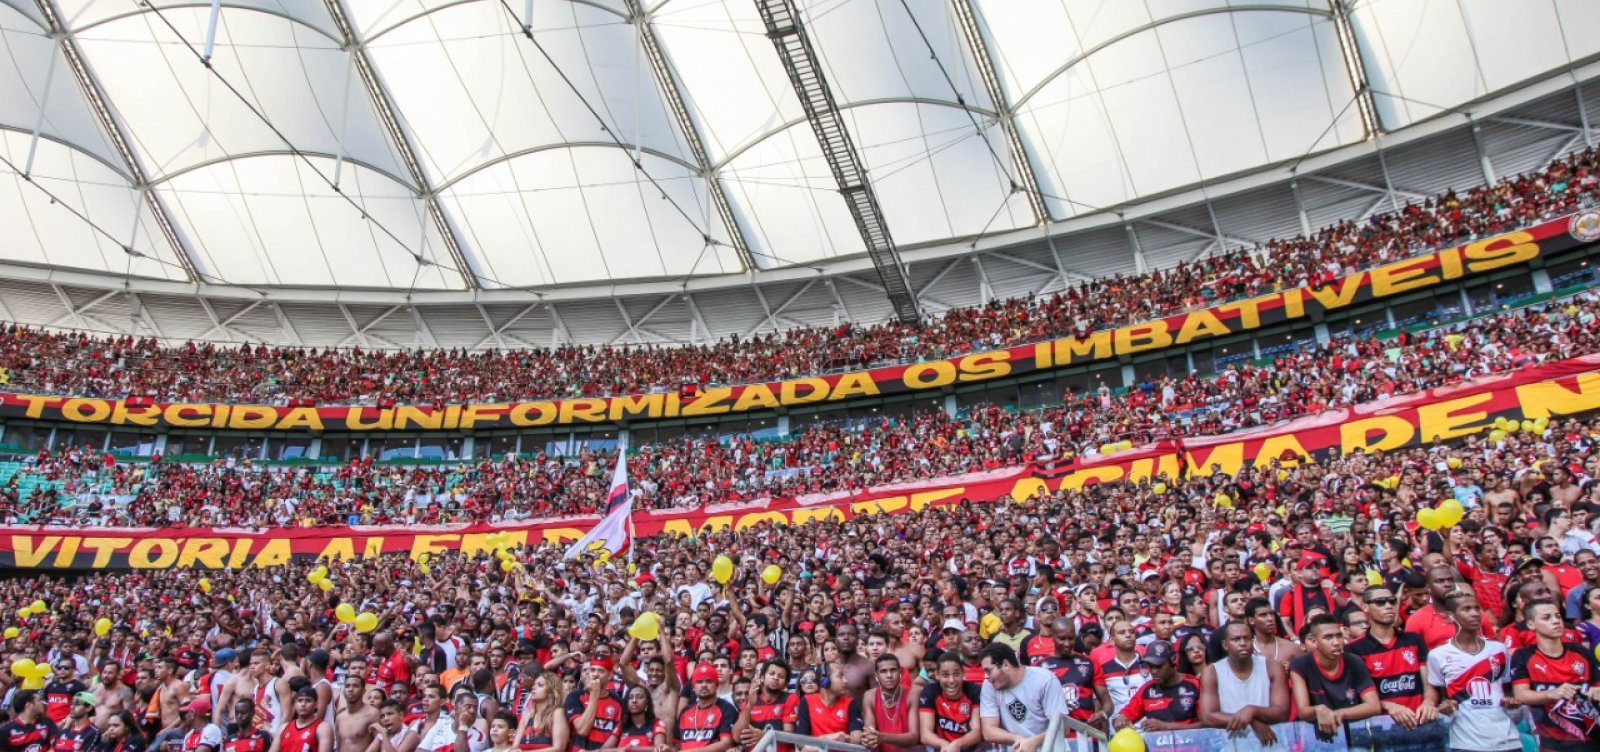 [Vitória anuncia acerto com Arena Fonte Nova e mandará jogos no estádio por 3 anos]